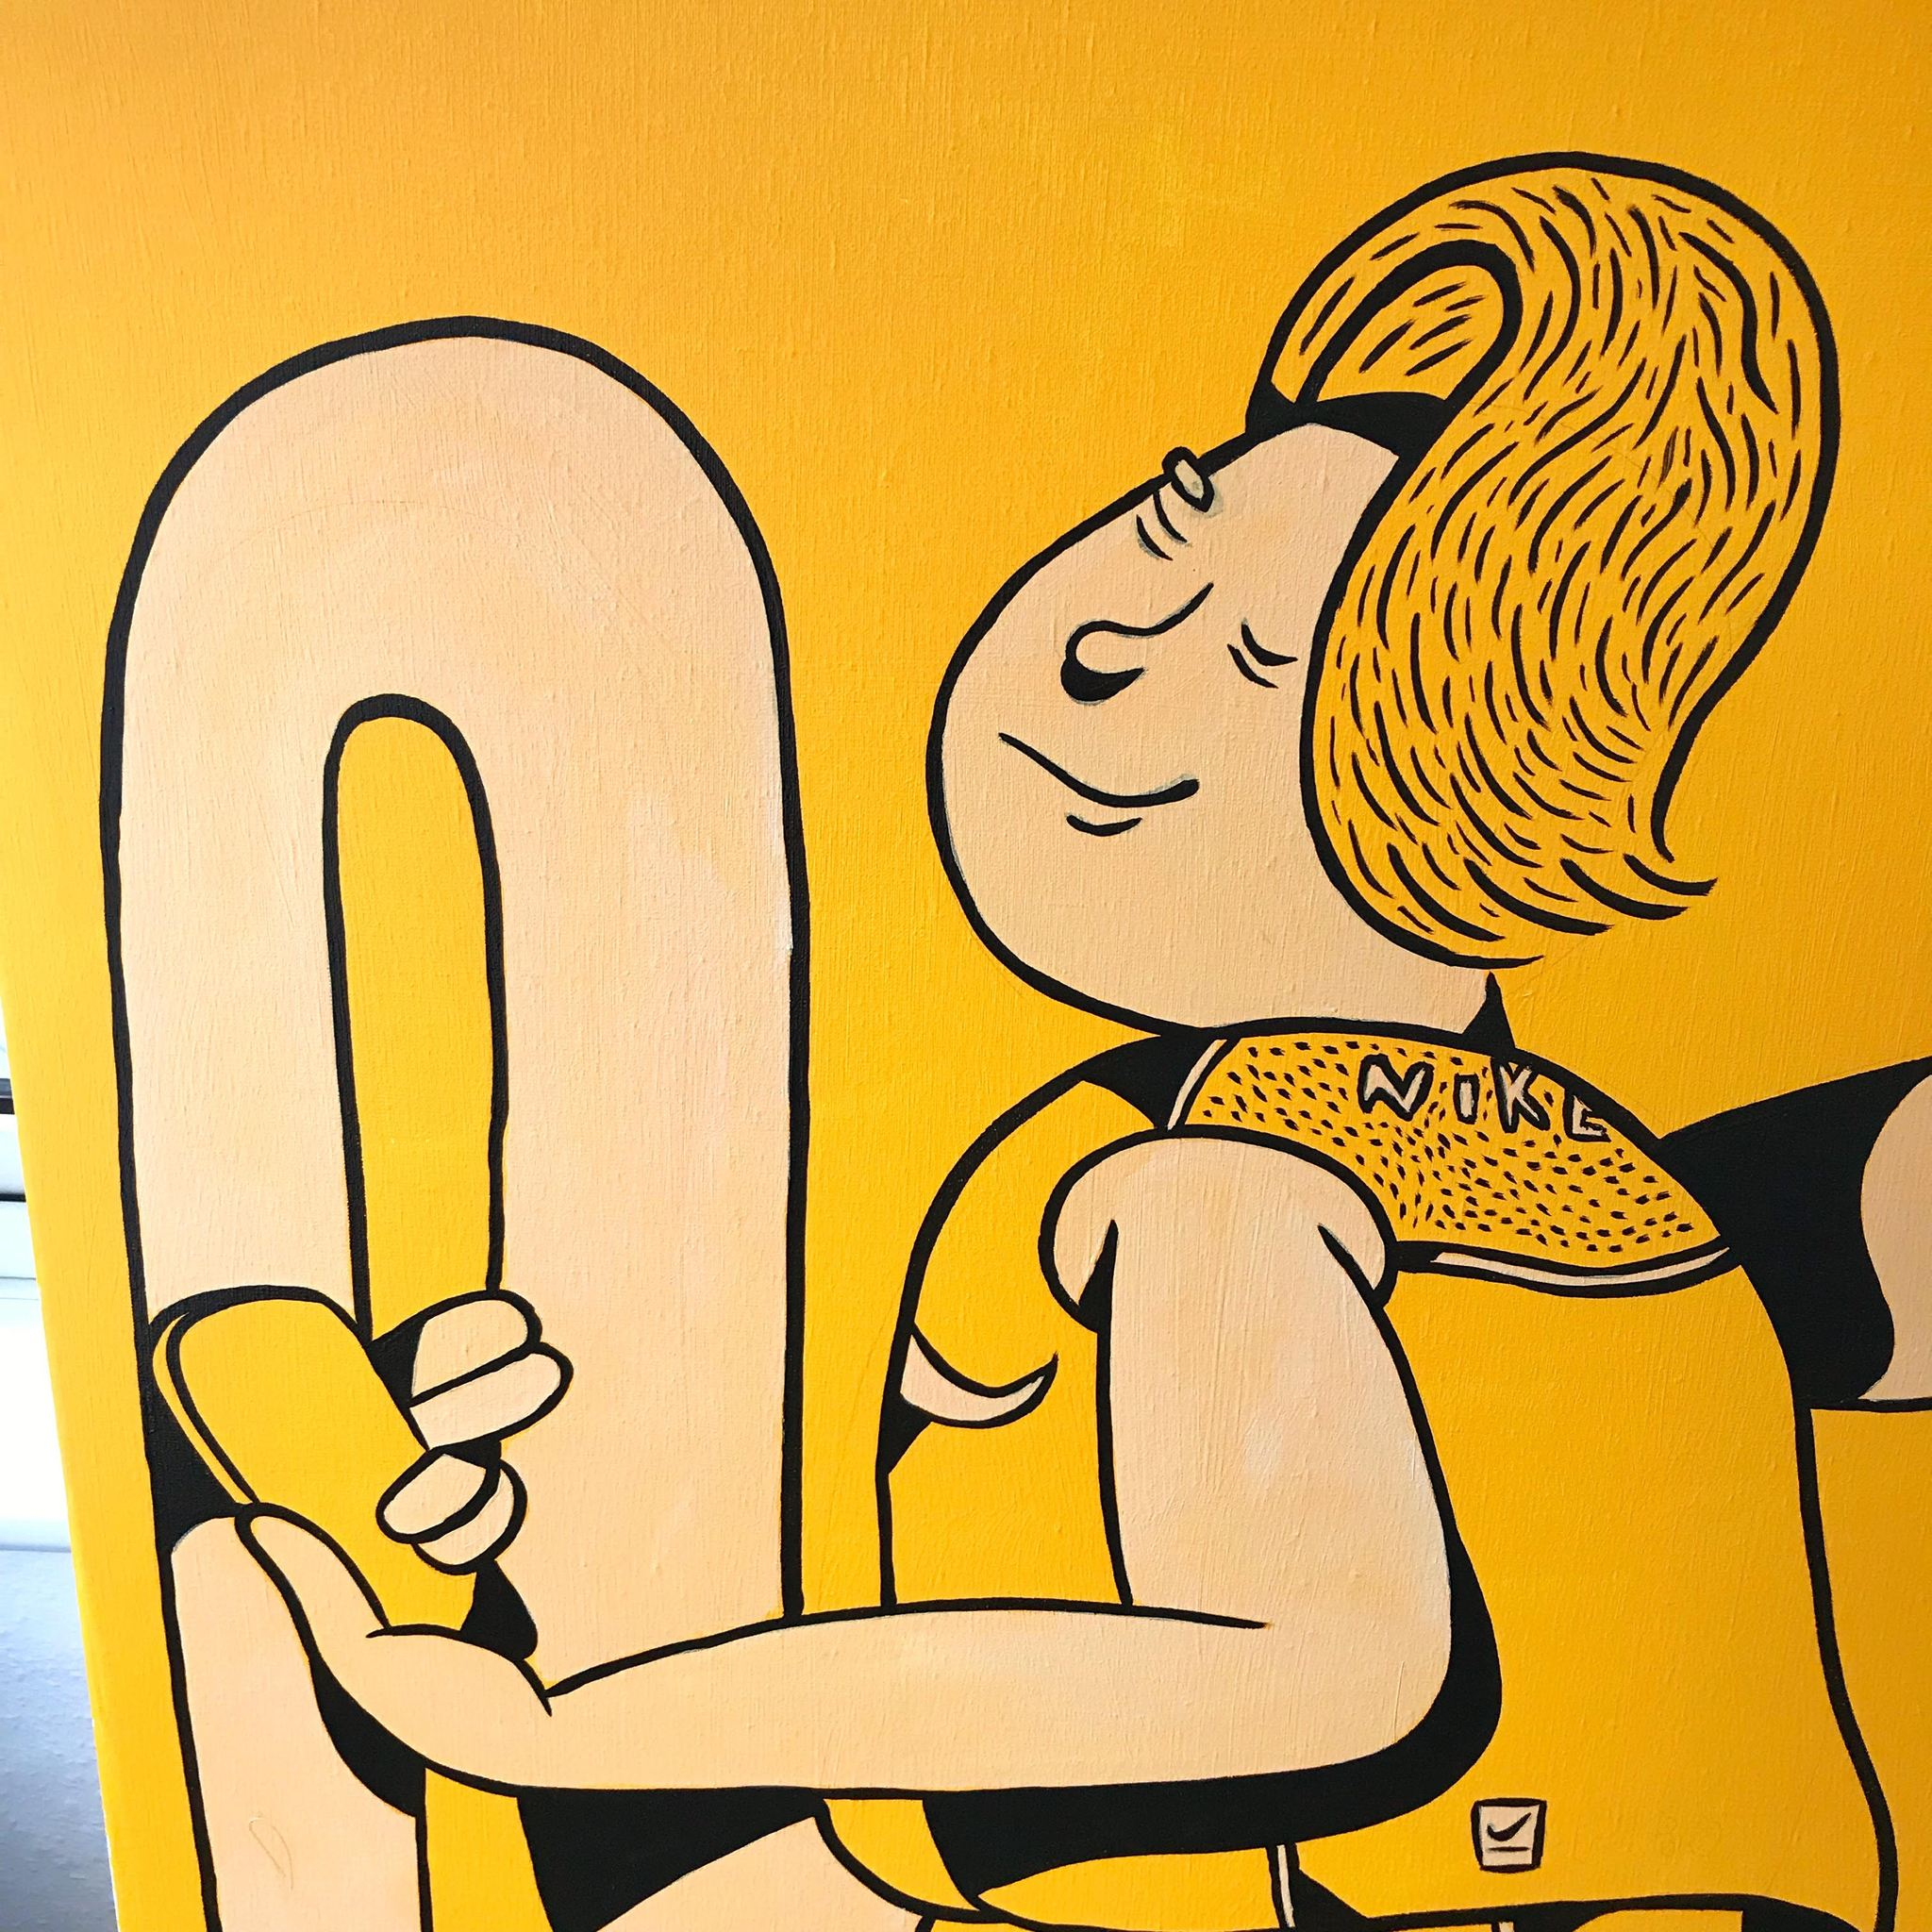 tegninger, malerier, børnevenlige, grafiske, illustrative, minimalistiske, pop, portræt, kroppe, tegneserier, humor, bevægelse, sport, gule, akryl, hørlærred, sjove, drenge, samtidskunst, dansk, dekorative, design, interiør, bolig-indretning, børn, motorcykel, naive, nordisk, plakater, skandinavisk, teenage, urban, Køb original kunst og kunstplakater. Malerier, tegninger, limited edition kunsttryk & plakater af dygtige kunstnere.